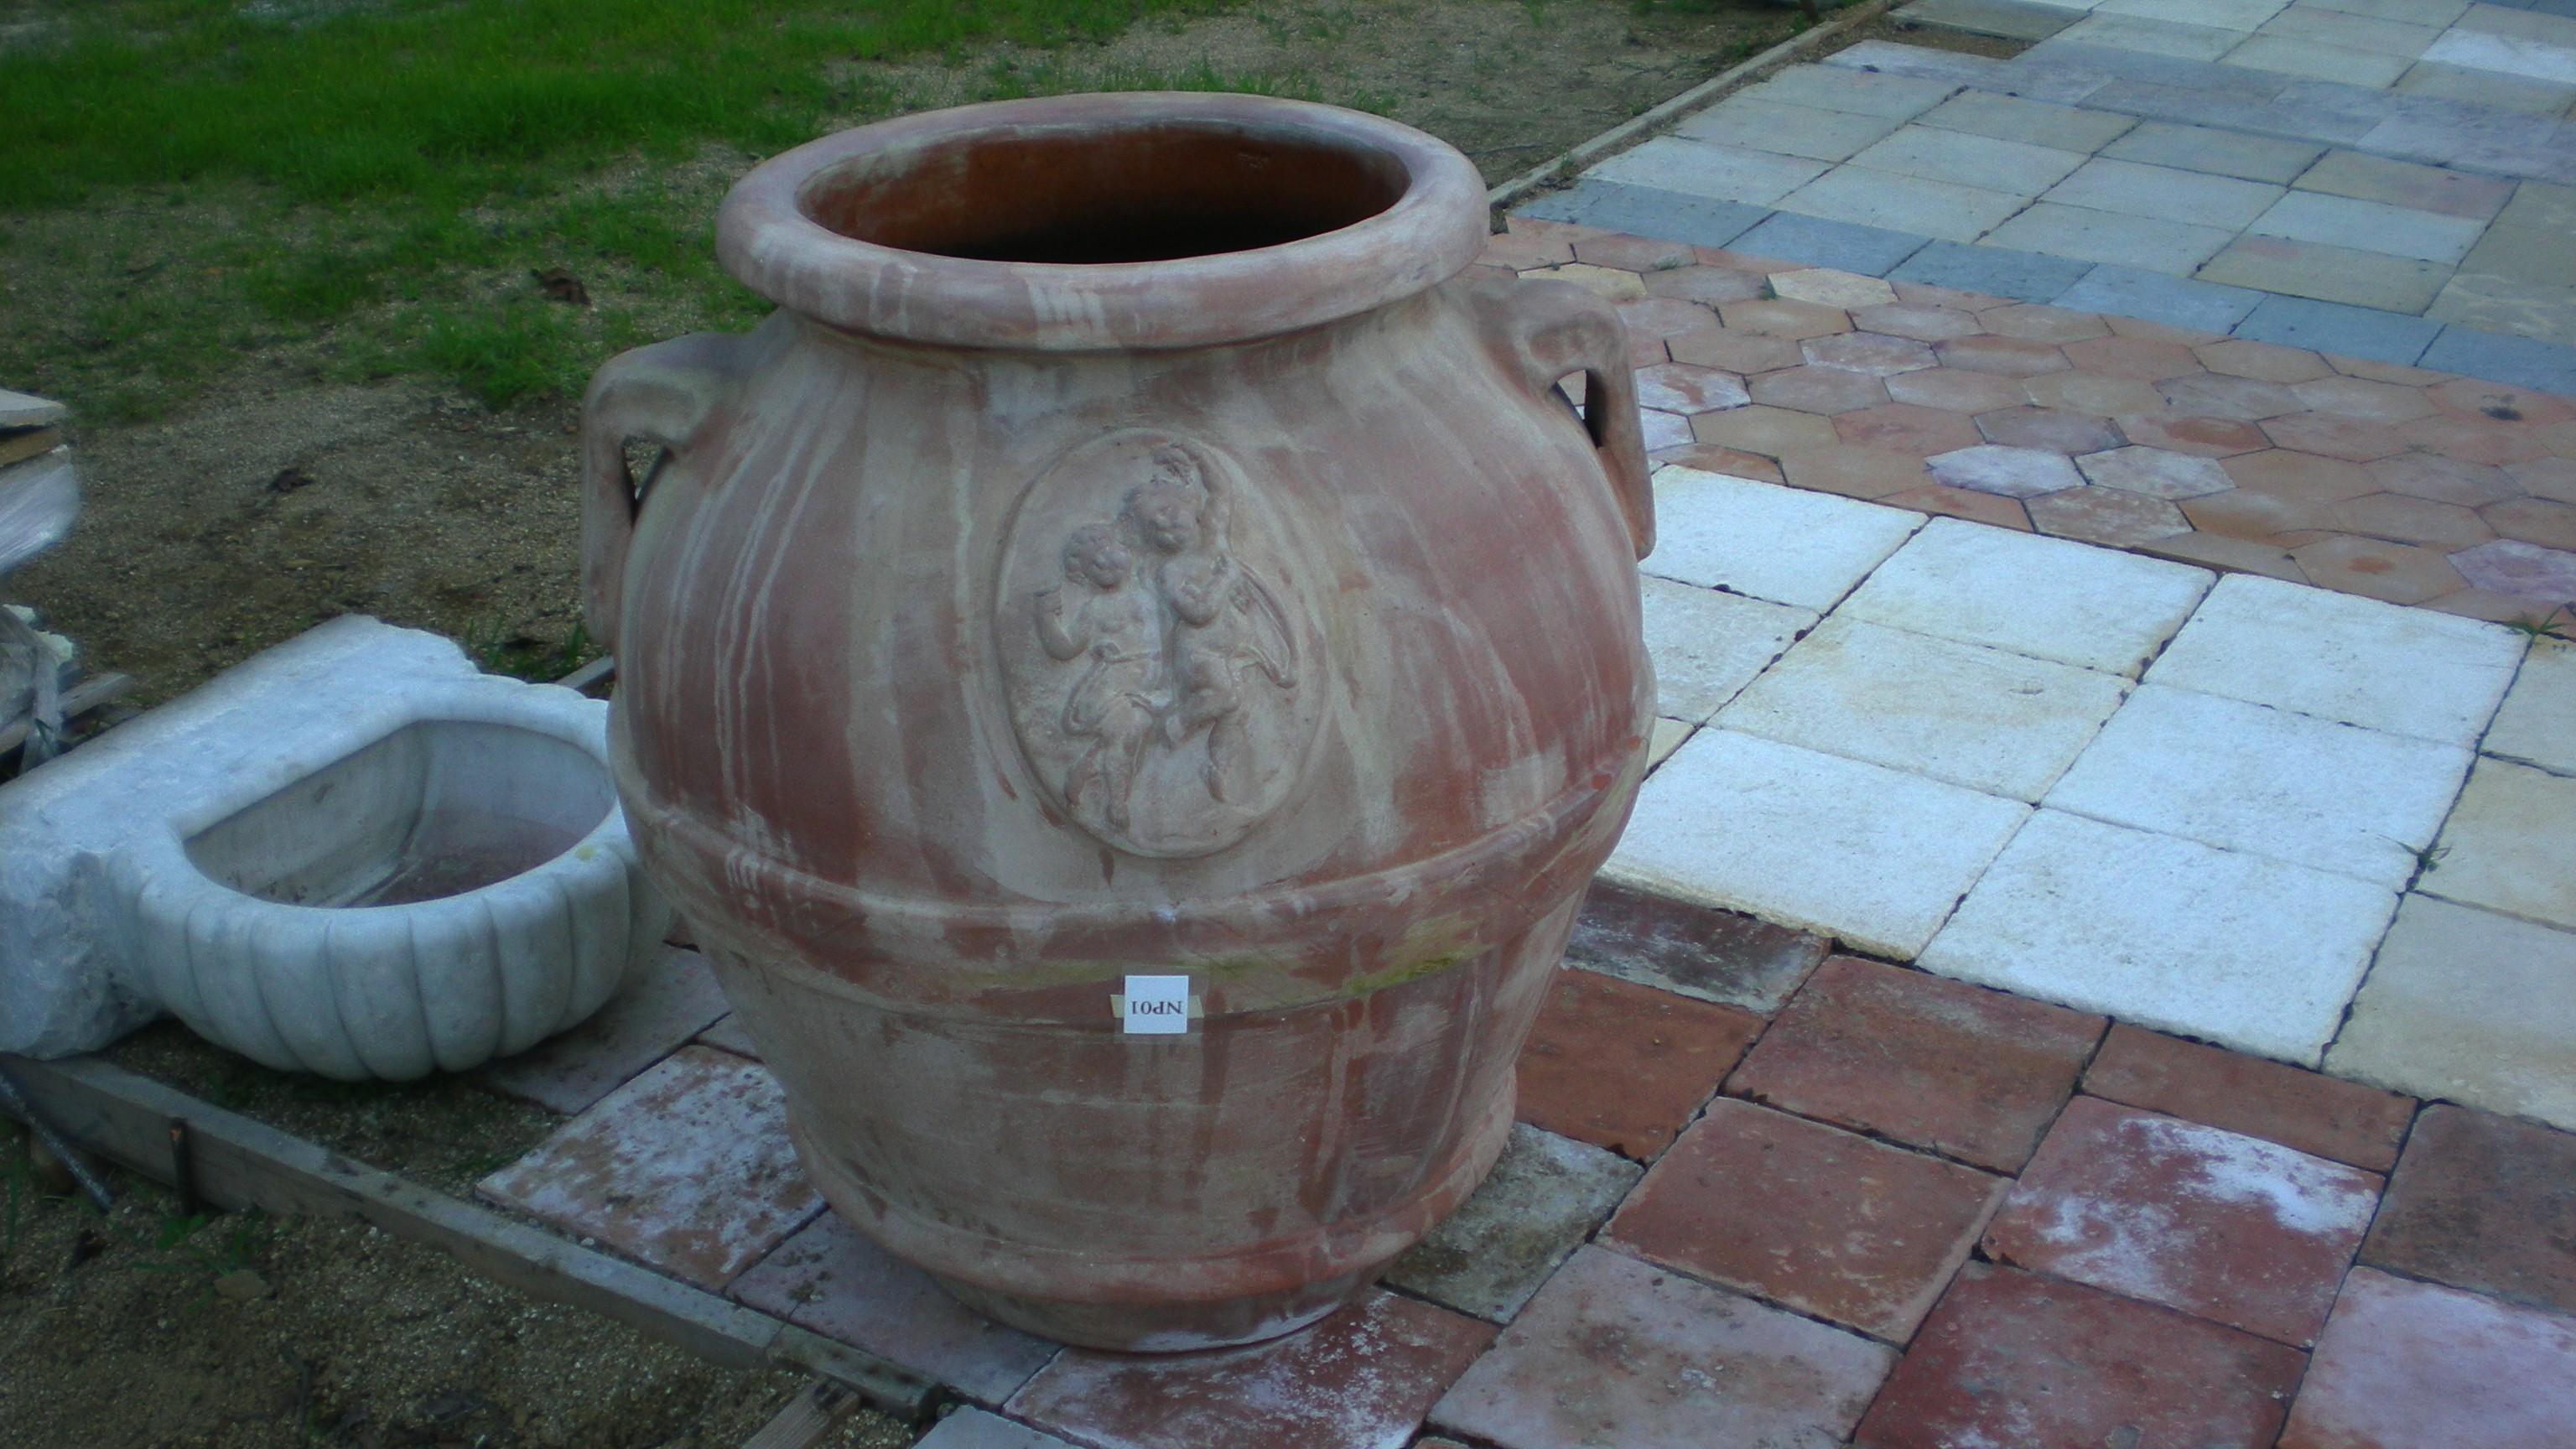 Antique European Garden Pot